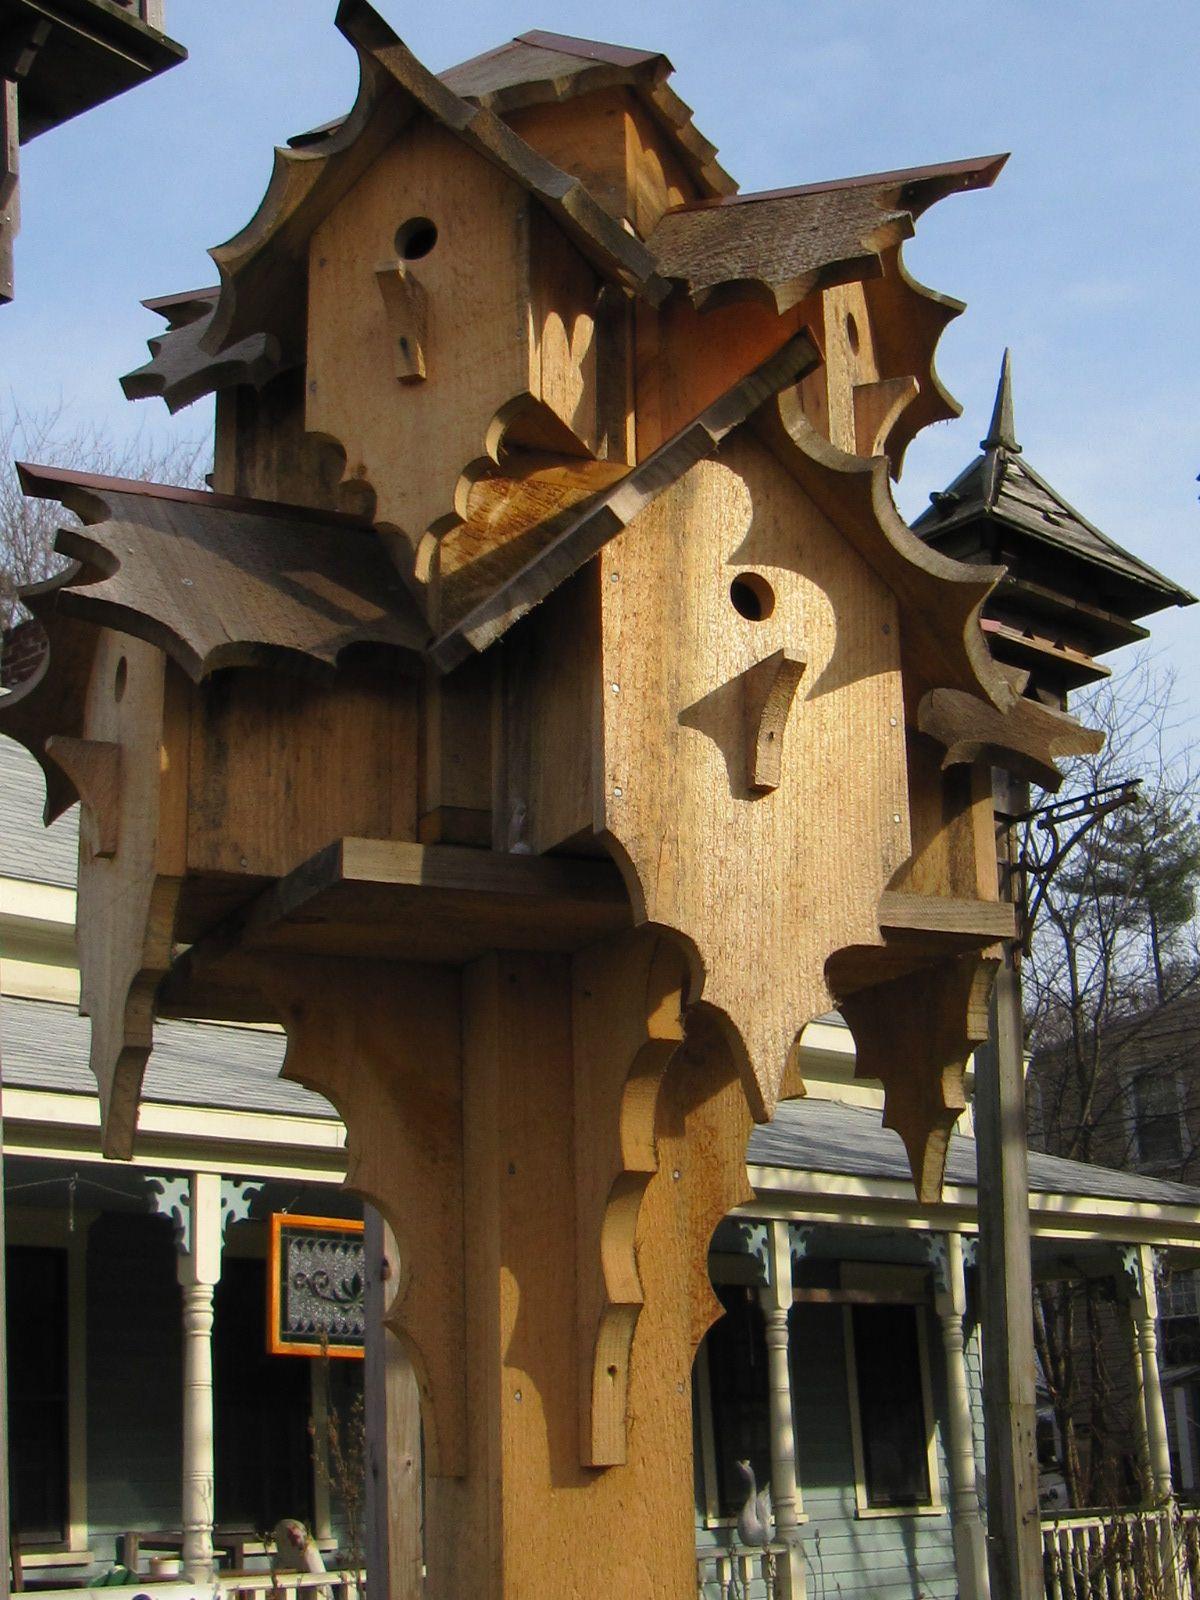 Elaborate gorgeous birdhouses.